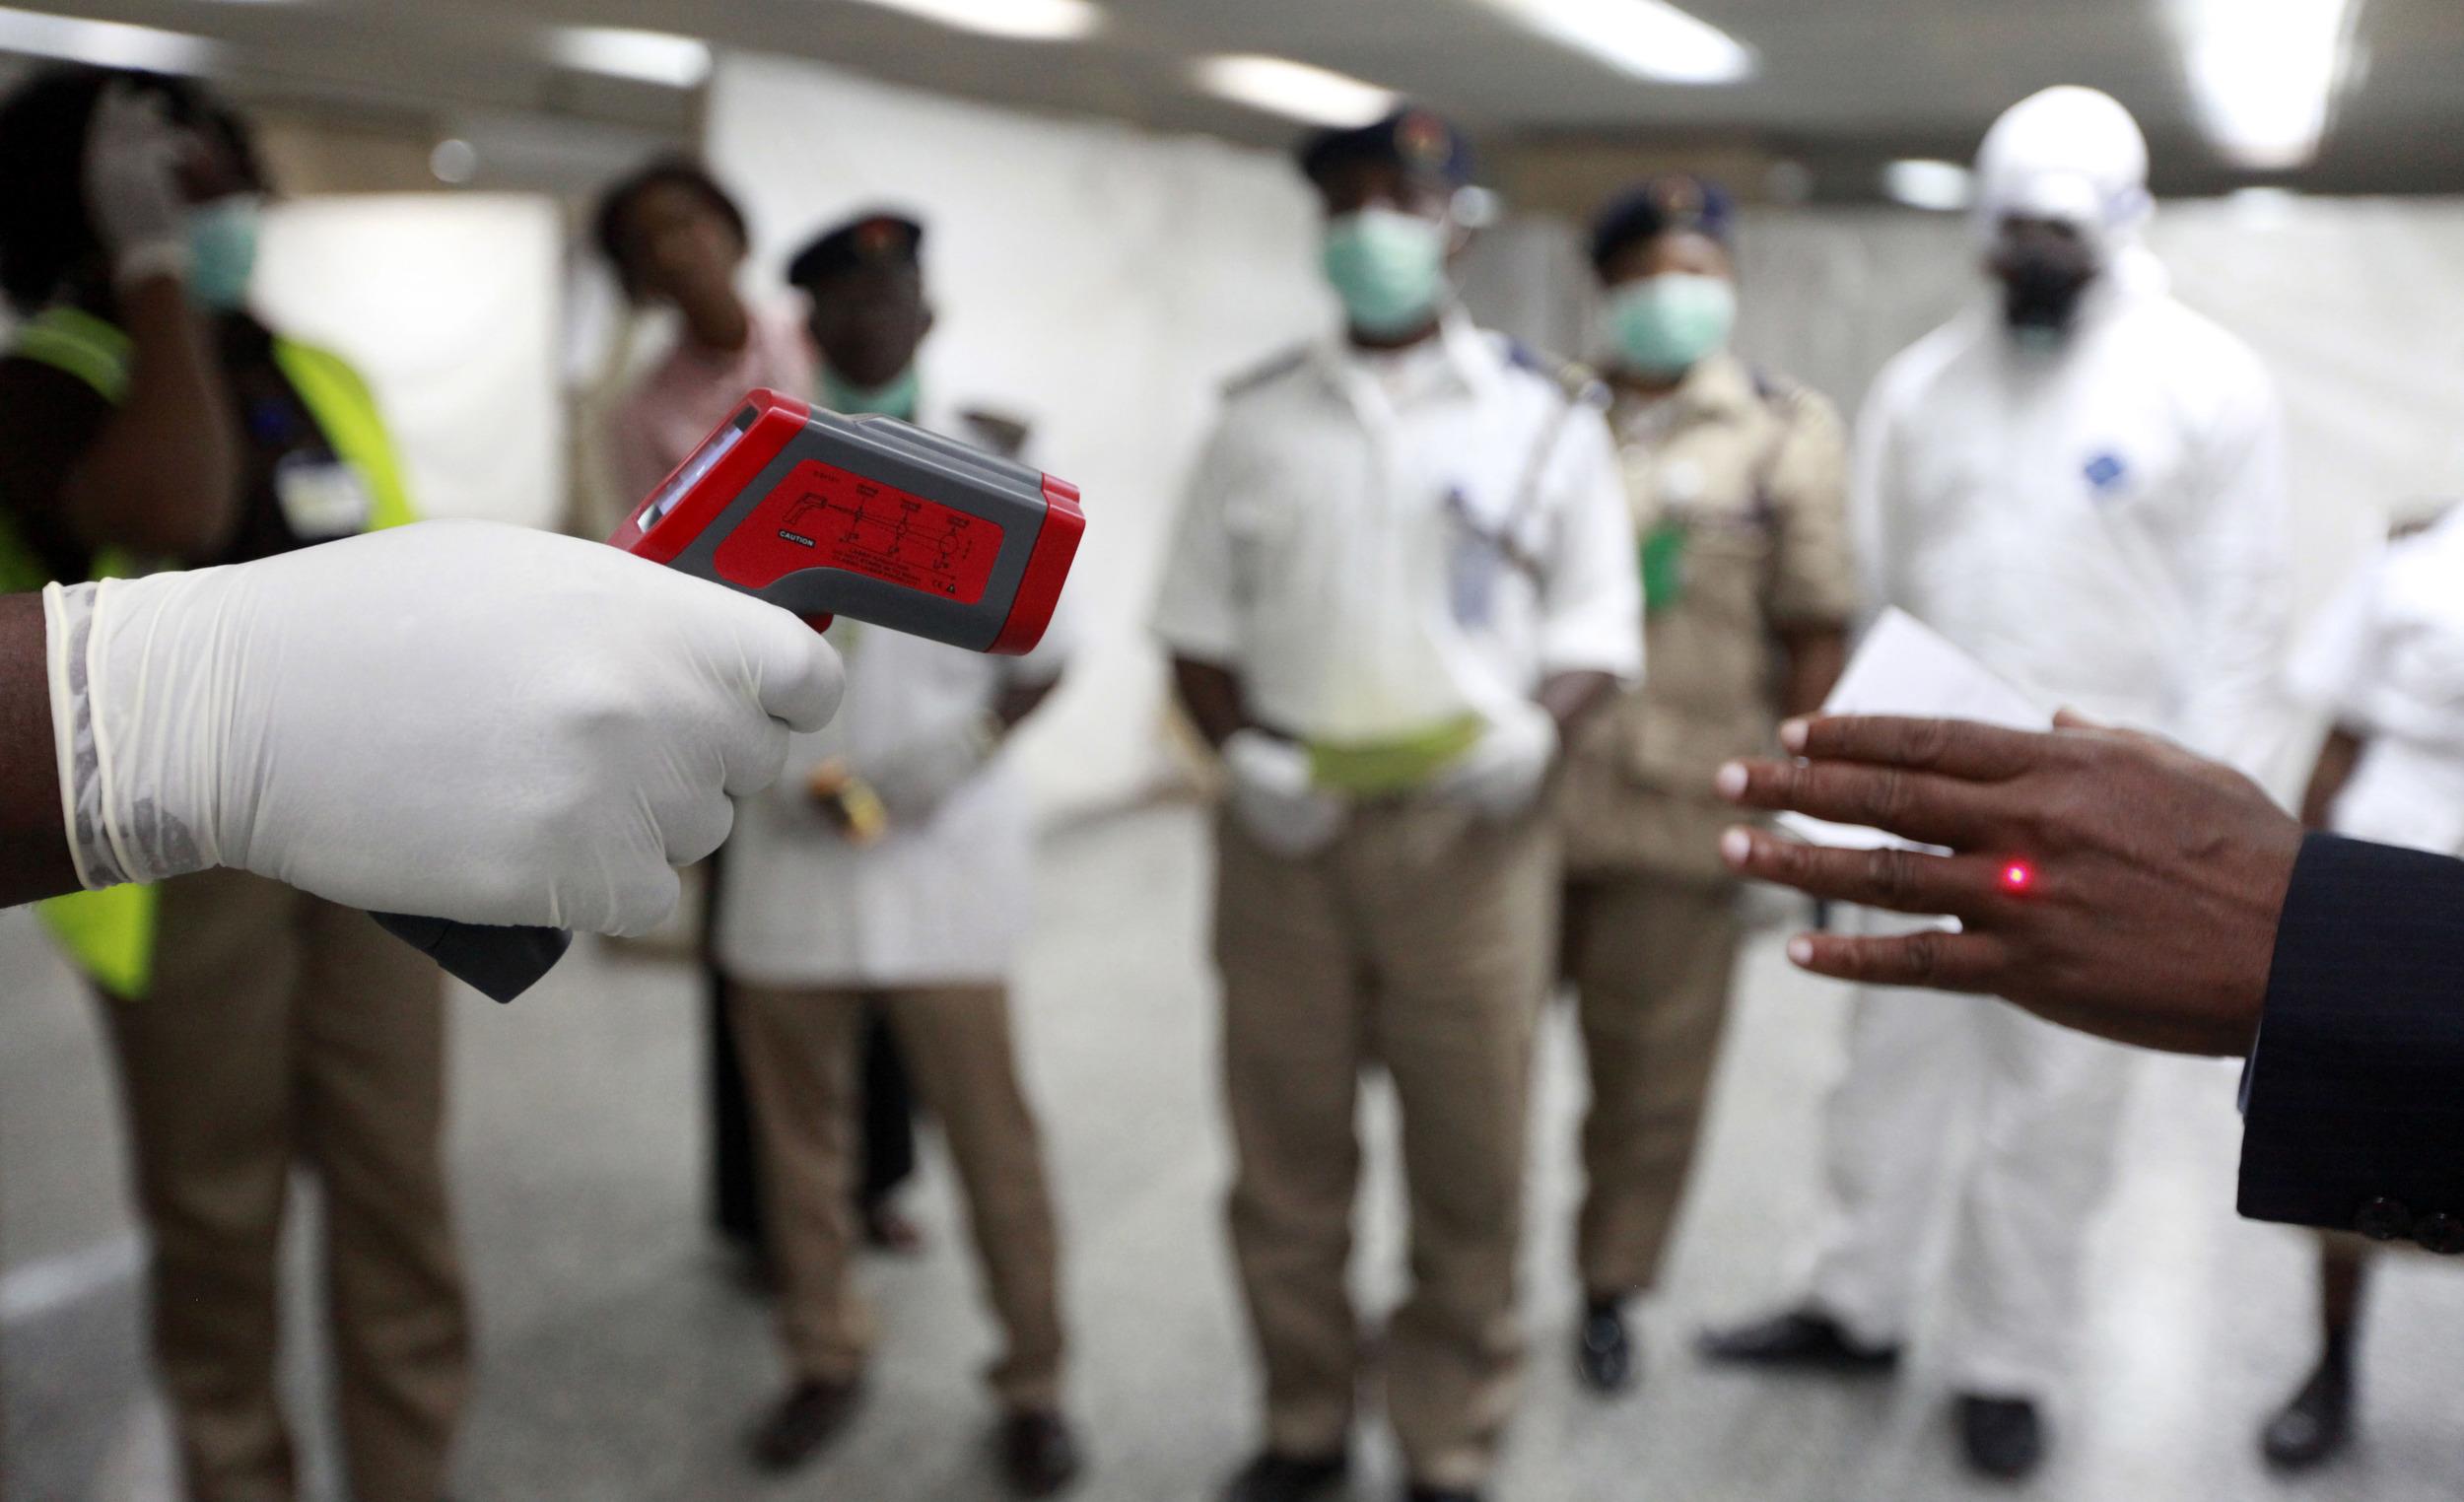 به بهبود یافتگان ابولا توصیه شده از سکس بدون کاندوم پرهیز کنند